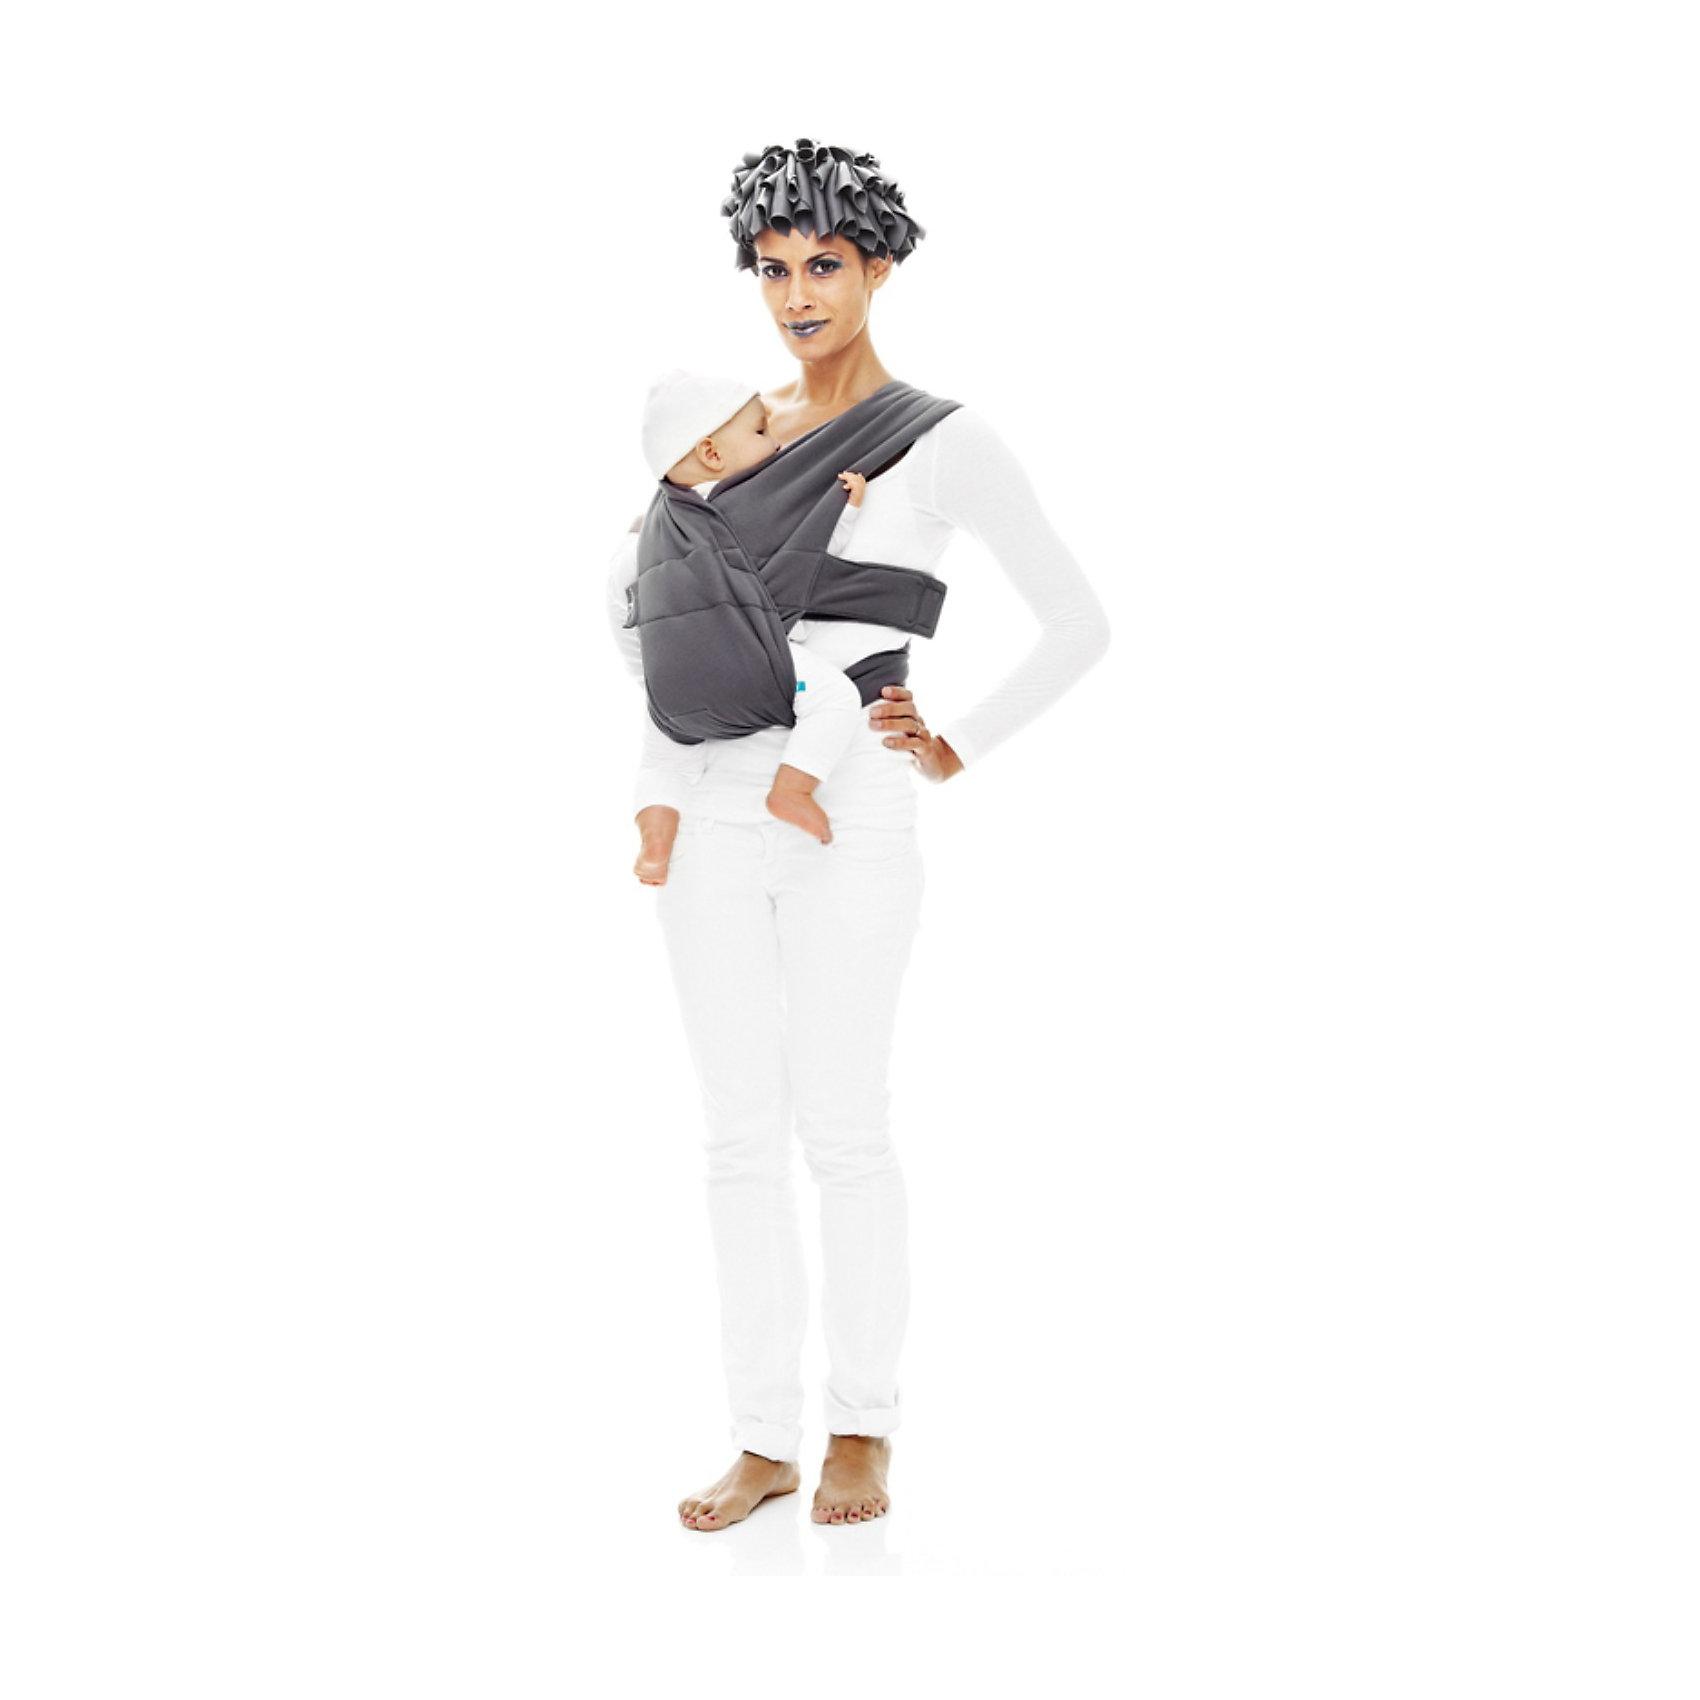 Рюкзак-переноска, Wallaboo, серыйРюкзак-переноска, Валлабу, серый – новинка от Wallaboo, эксперта в производстве качественных, стильных и удобных товаров для мам и малышей. Рюкзак подарит комфорт малышу и обеспечит удобство передвижения маме.<br>Современный эргономичный рюкзак-переноска от Wallaboo придуман для заботливых родителей и чудесных малышей, в нем  использованы преимущества разнообразных видов рюкзаков–переносок и устранены любые неудобства для мамы или малыша. Это изделие Вы сможете быстро и легко приспособить к своей фигуре. Благодаря мягкому натуральному материалу оригинальный рюкзак от Wallaboo (Валлабу) будет намного комфортнее любой модели рюкзака, сделанной из полиэстера. Он выполнен из прочного 100% хлопка, пропускающего воздух. Широкие ремни на плечах и уникальное решение с перекрестными ремнями на спине обеспечат оптимальное распределение нагрузки. Легкий и компактный рюкзак удобно взять с собой в путешествие или на прогулку. Стильный и оригинальный двухцветный дизайн подчеркнет ваш модный и динамичный образ.<br><br>Дополнительная информация:<br><br>- Материал: 100% двусторонний хлопковый трикотаж<br>- Испытания на безопасность: материалы и готовое изделие соответствуют сертификату качества ЕС (BS EN 13209-2)<br>- Особенности: широкая поддерживающая часть под ягодицами и коленками малыша обеспечивает правильное разведение ножек ребенка в эргономичной позе<br>- Регулировка: простая и быстрая при помощи надежных и безопасных застежек-липучек высокого качества, рюкзак растет вместе с Вашим малышом<br>- Использование: легкий и компактный рюкзак удобно взять с собой в путешествие или на прогулку; малыш может находиться в двух естественных положениях «лицом к маме» и «лицом вперед»<br>- Стильный двухцветный дизайн помогает легко отличить лицевую сторону рюкзака от изнанки<br>- Инструкция-схема вшита внутри<br>- Размер: один универсальный размер<br>- Возраст: от рождения до 12 месяцев<br>- Вес ребенка: от 3,5 до 15 кг (рекомендация производителя)<br>- У